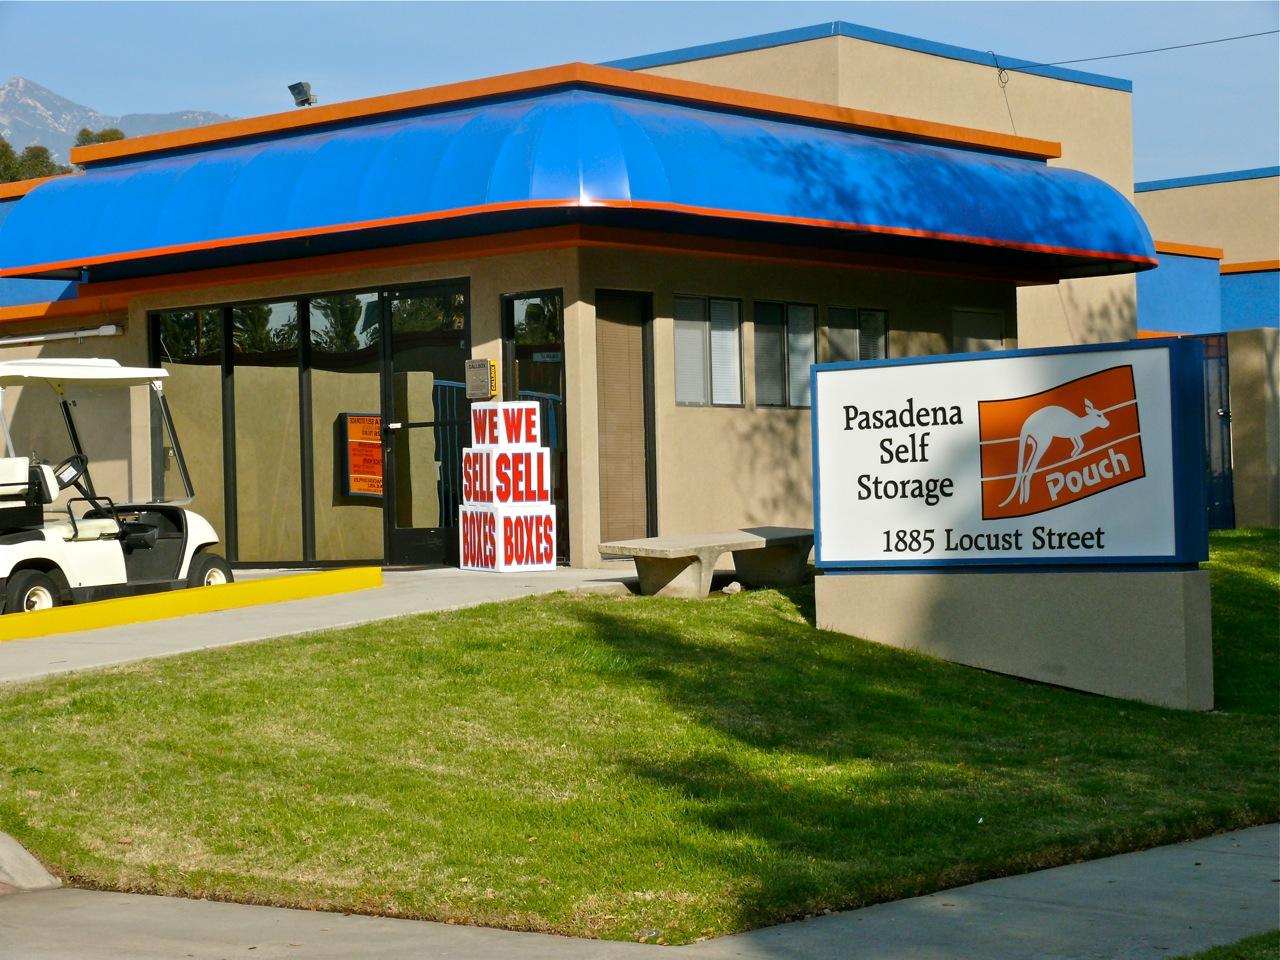 Pasadena Self Storage  image 4